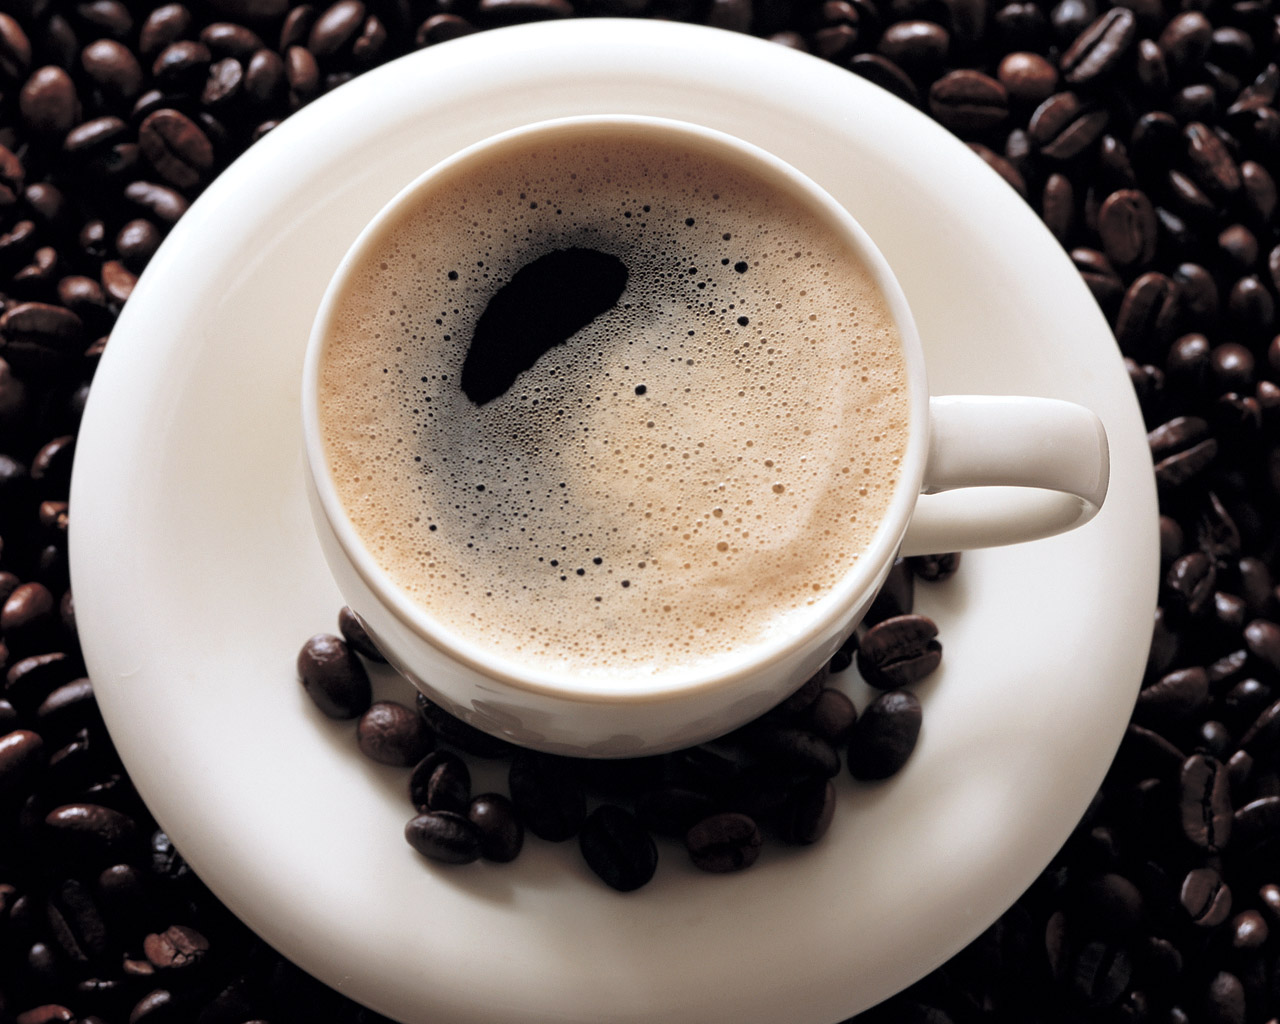 черный кофе, скачать фото, обои для рабочего стола, coffee wallpaper, бесплатно